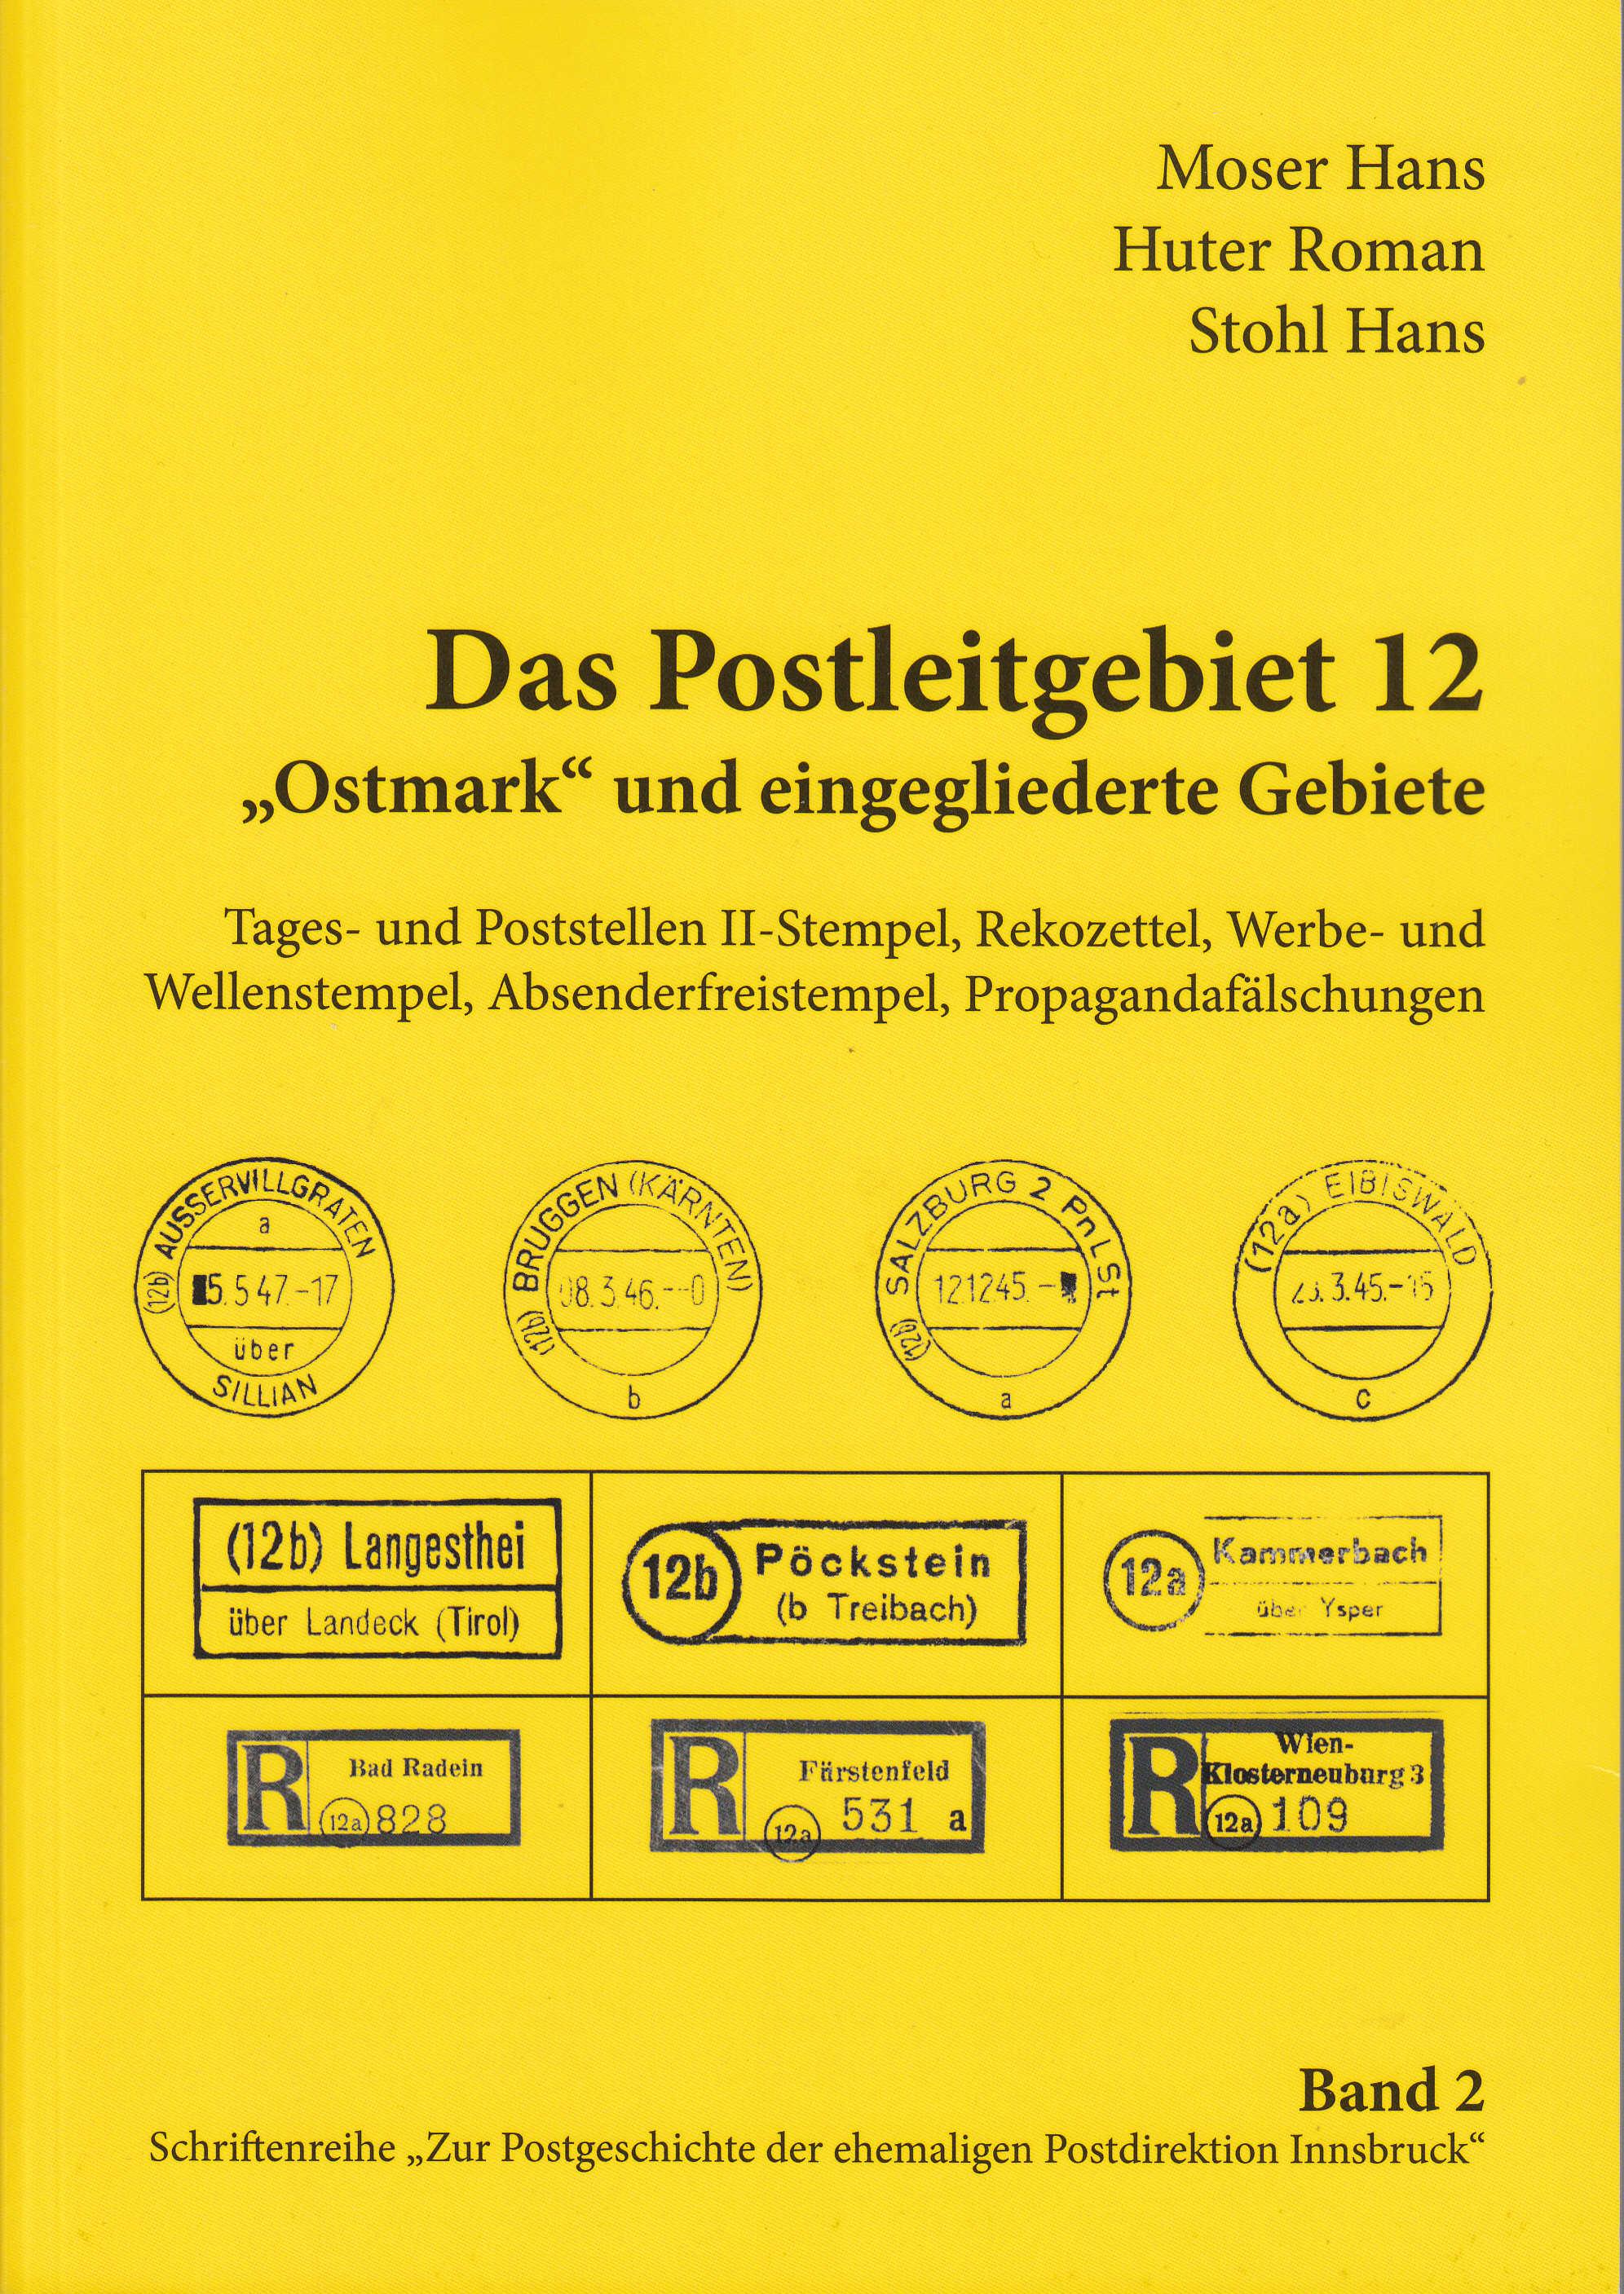 Nachtrag - Die Büchersammlungen der Forumsmitglieder - Seite 9 Img_0239